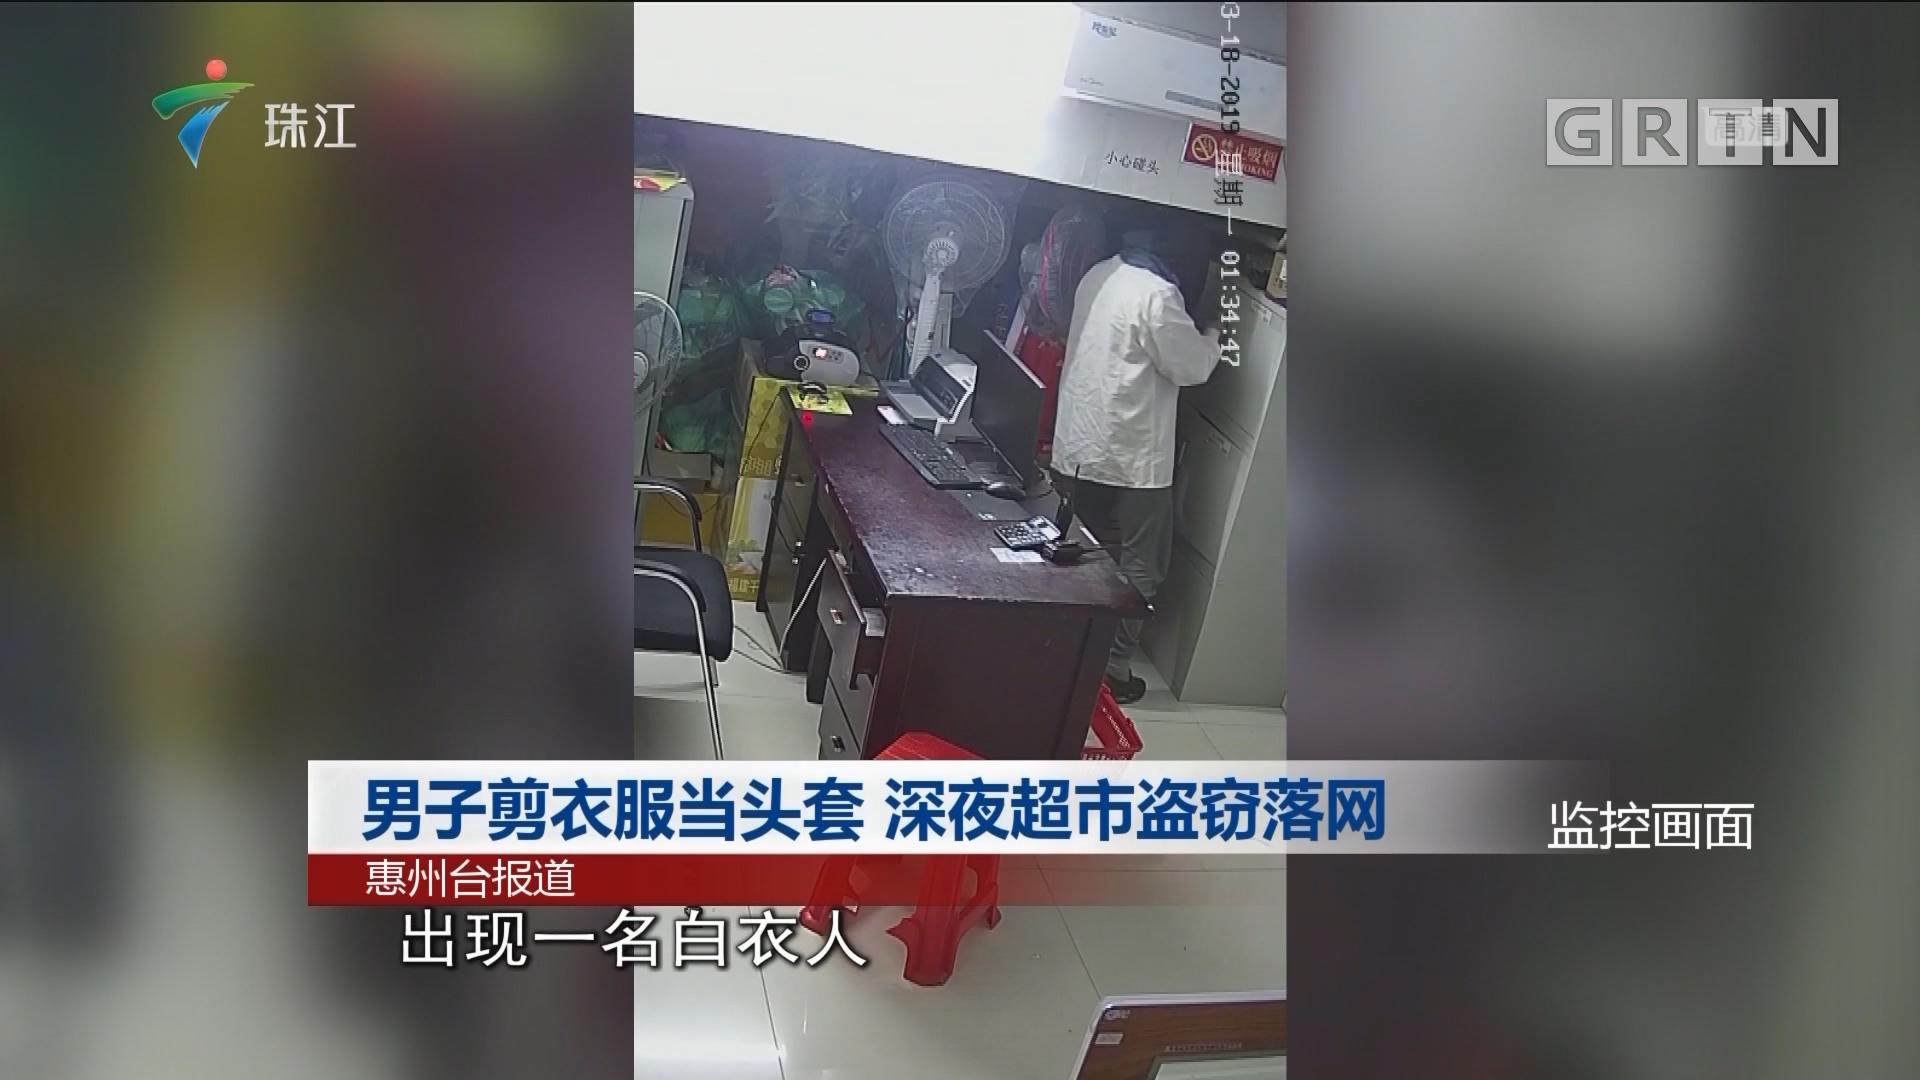 男子剪衣服当头套 深夜超市盗窃落网